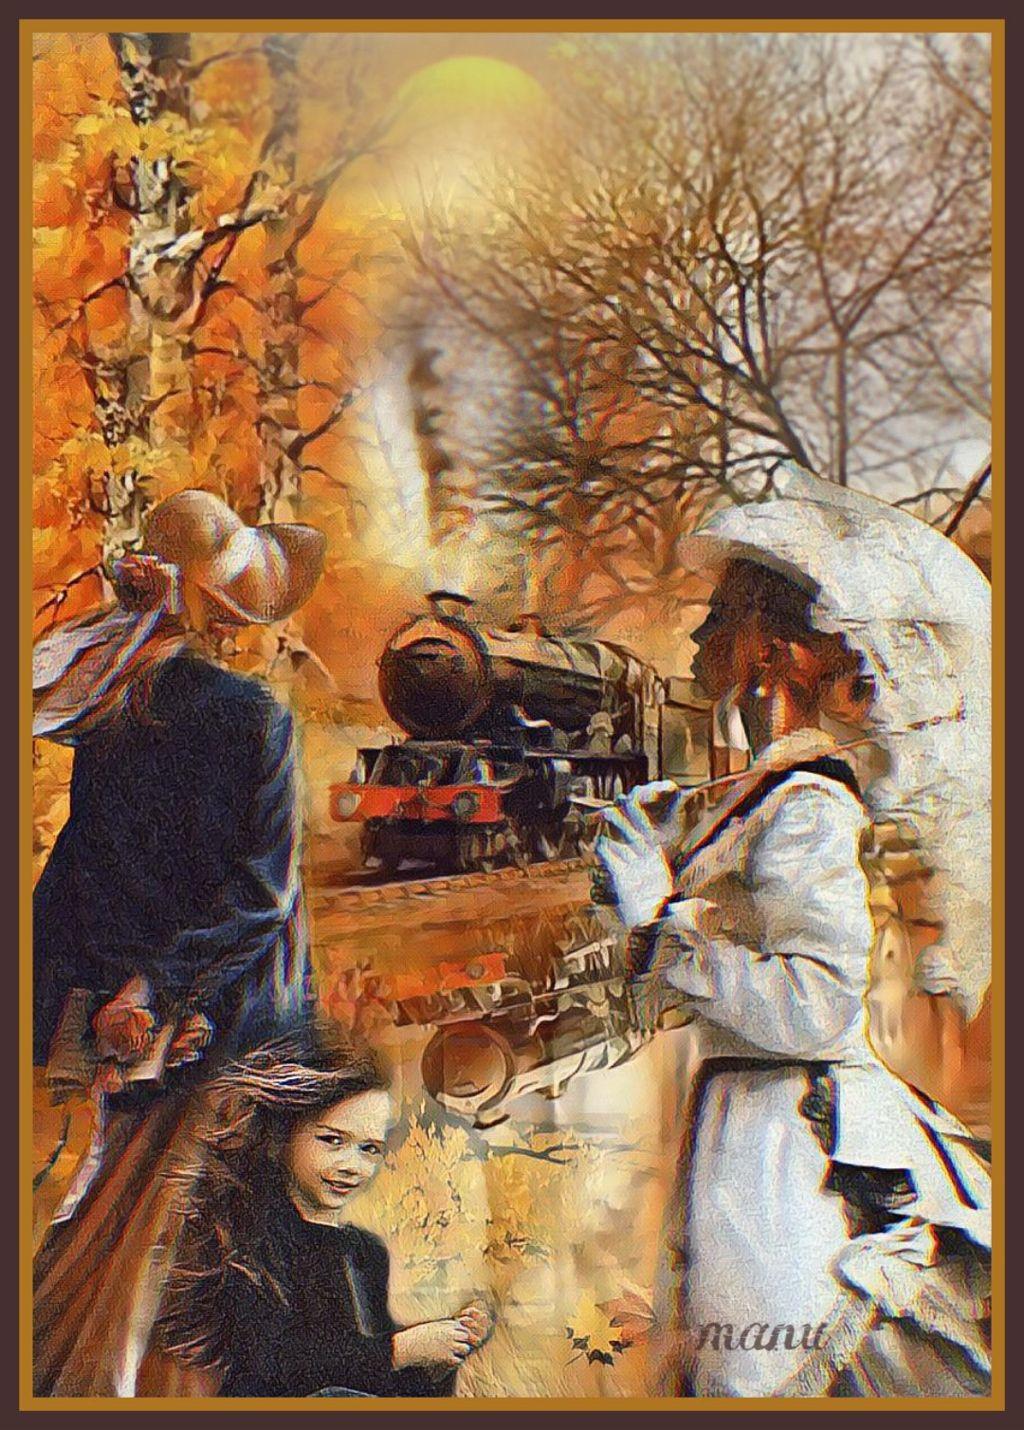 #freetoedit #myedit #doubleexposure #vintage #landscape #nature #train #woman #children #